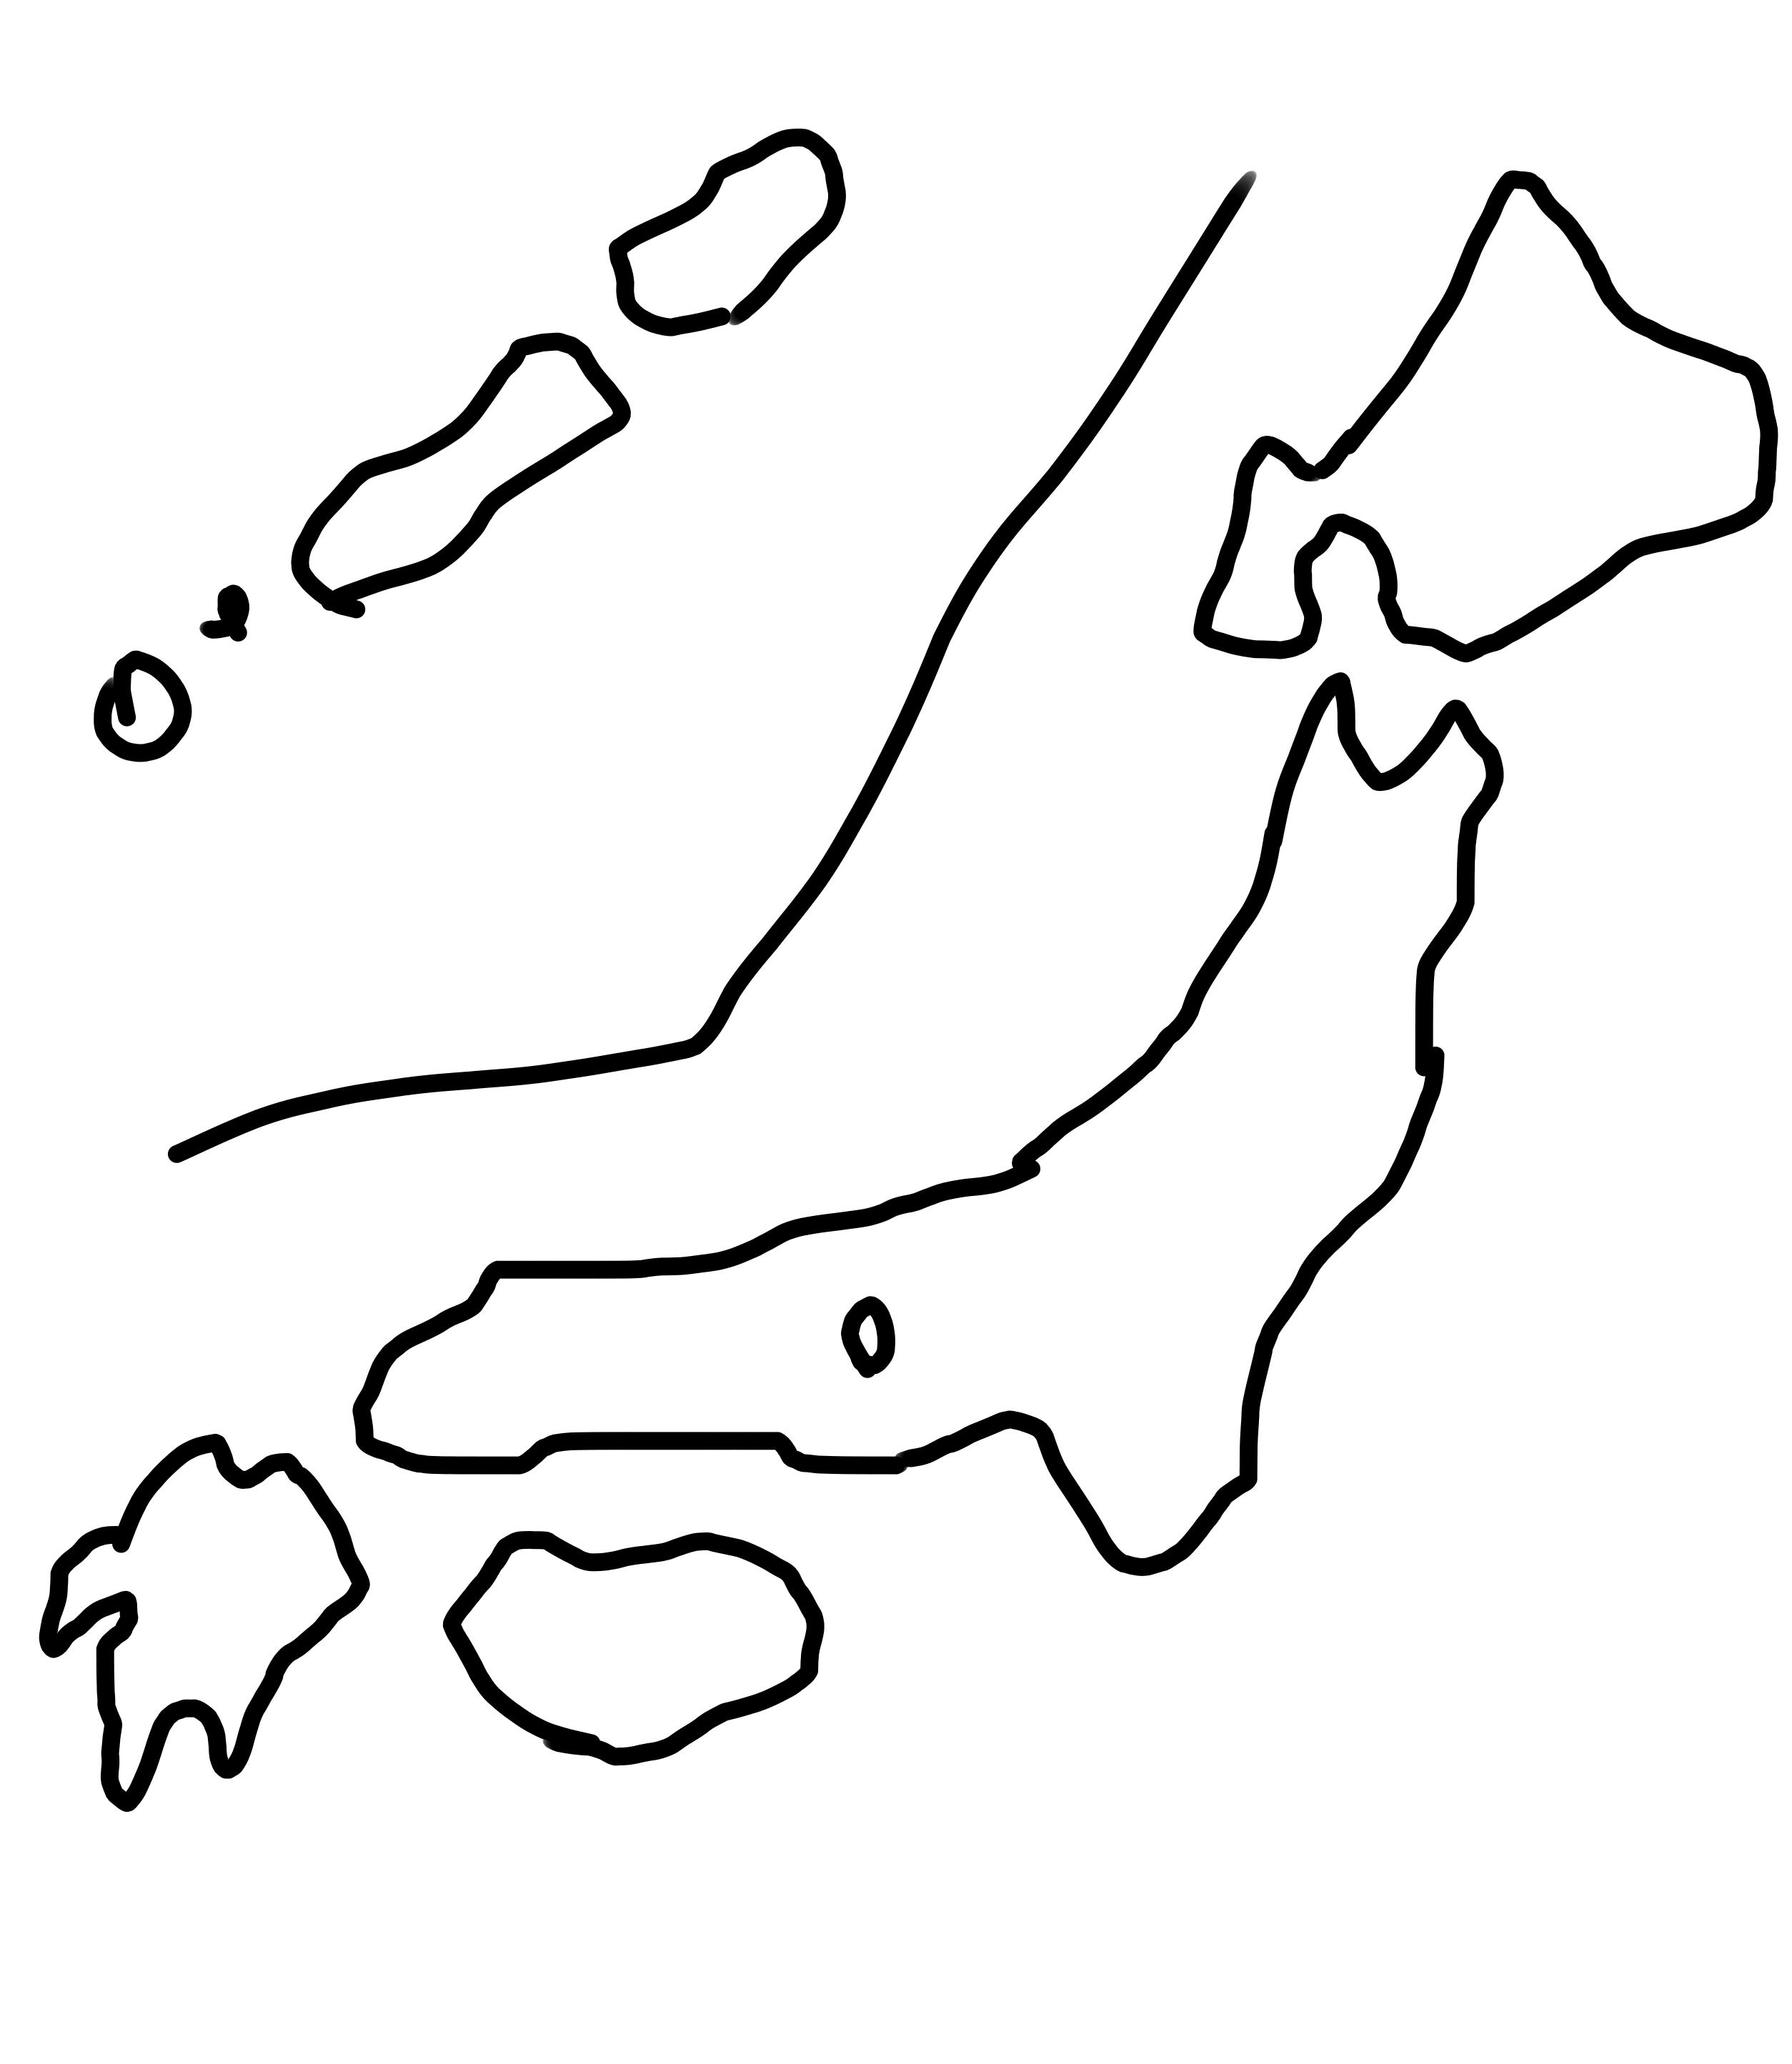 (お絵描き)日本列島を描いてみよう